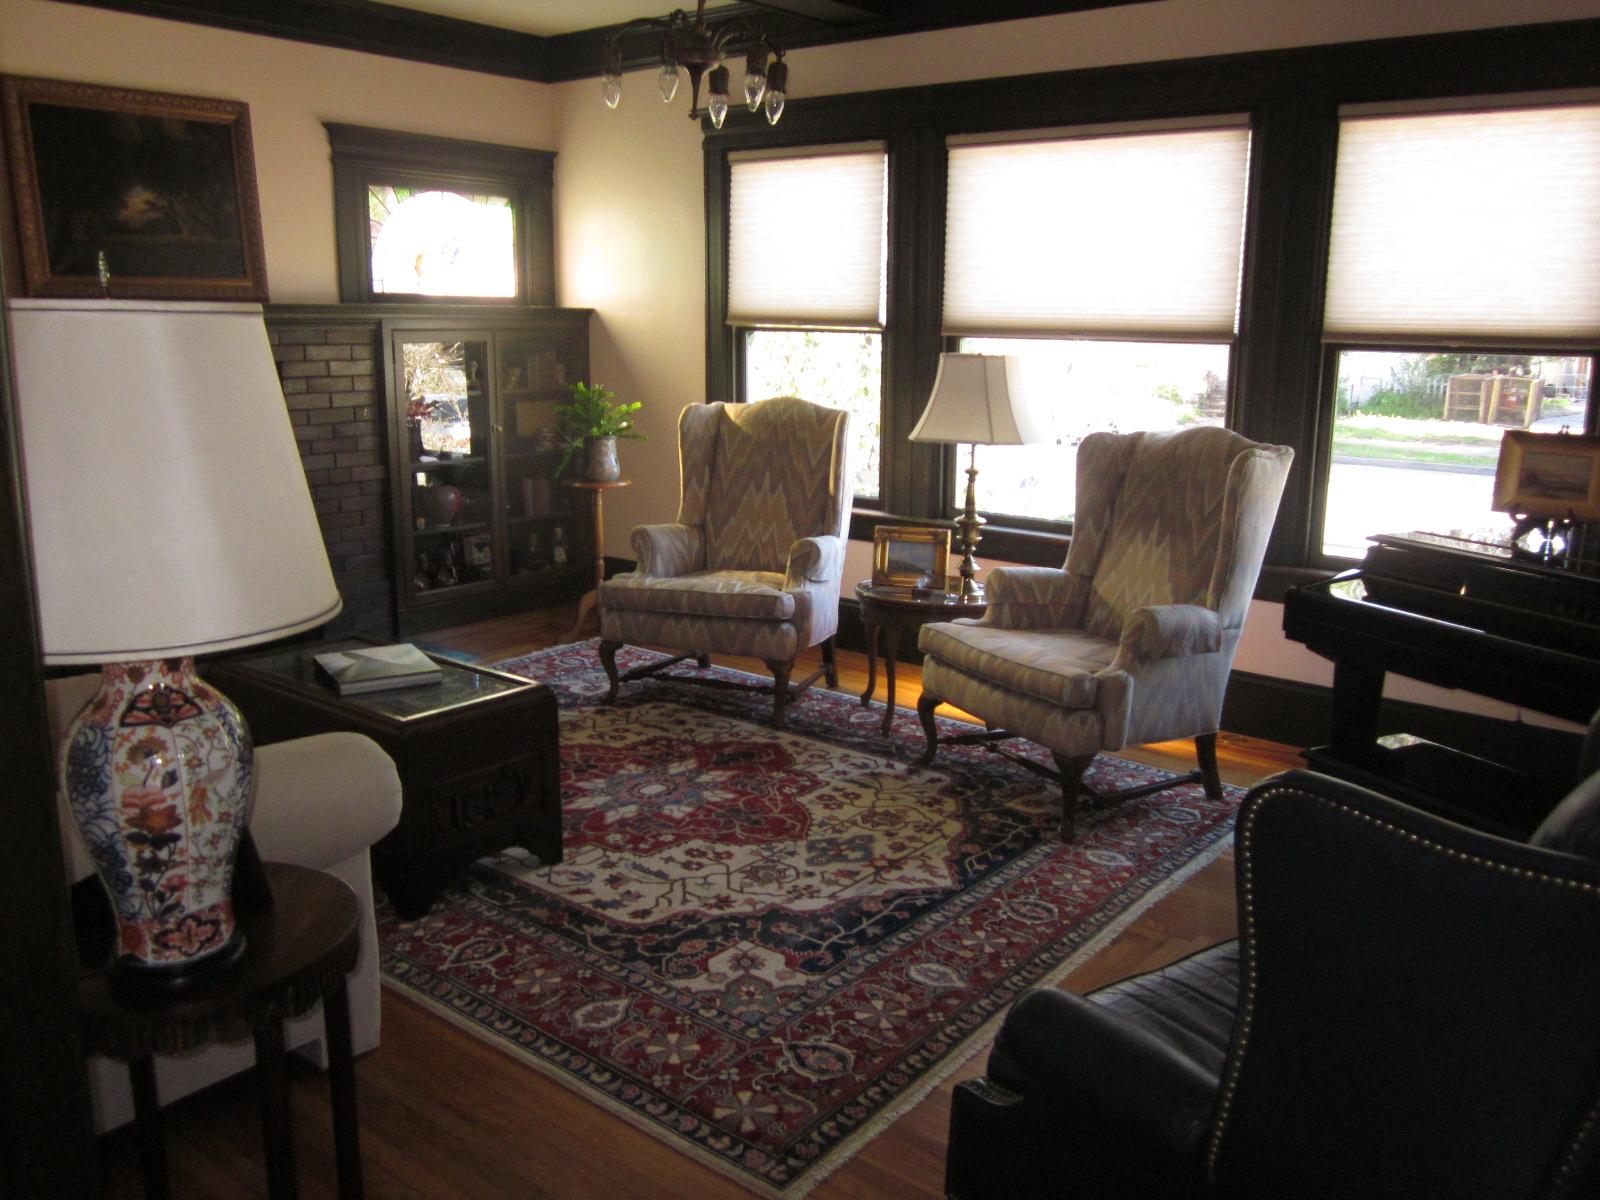 8 x 10 Heriz rug in client's living room.